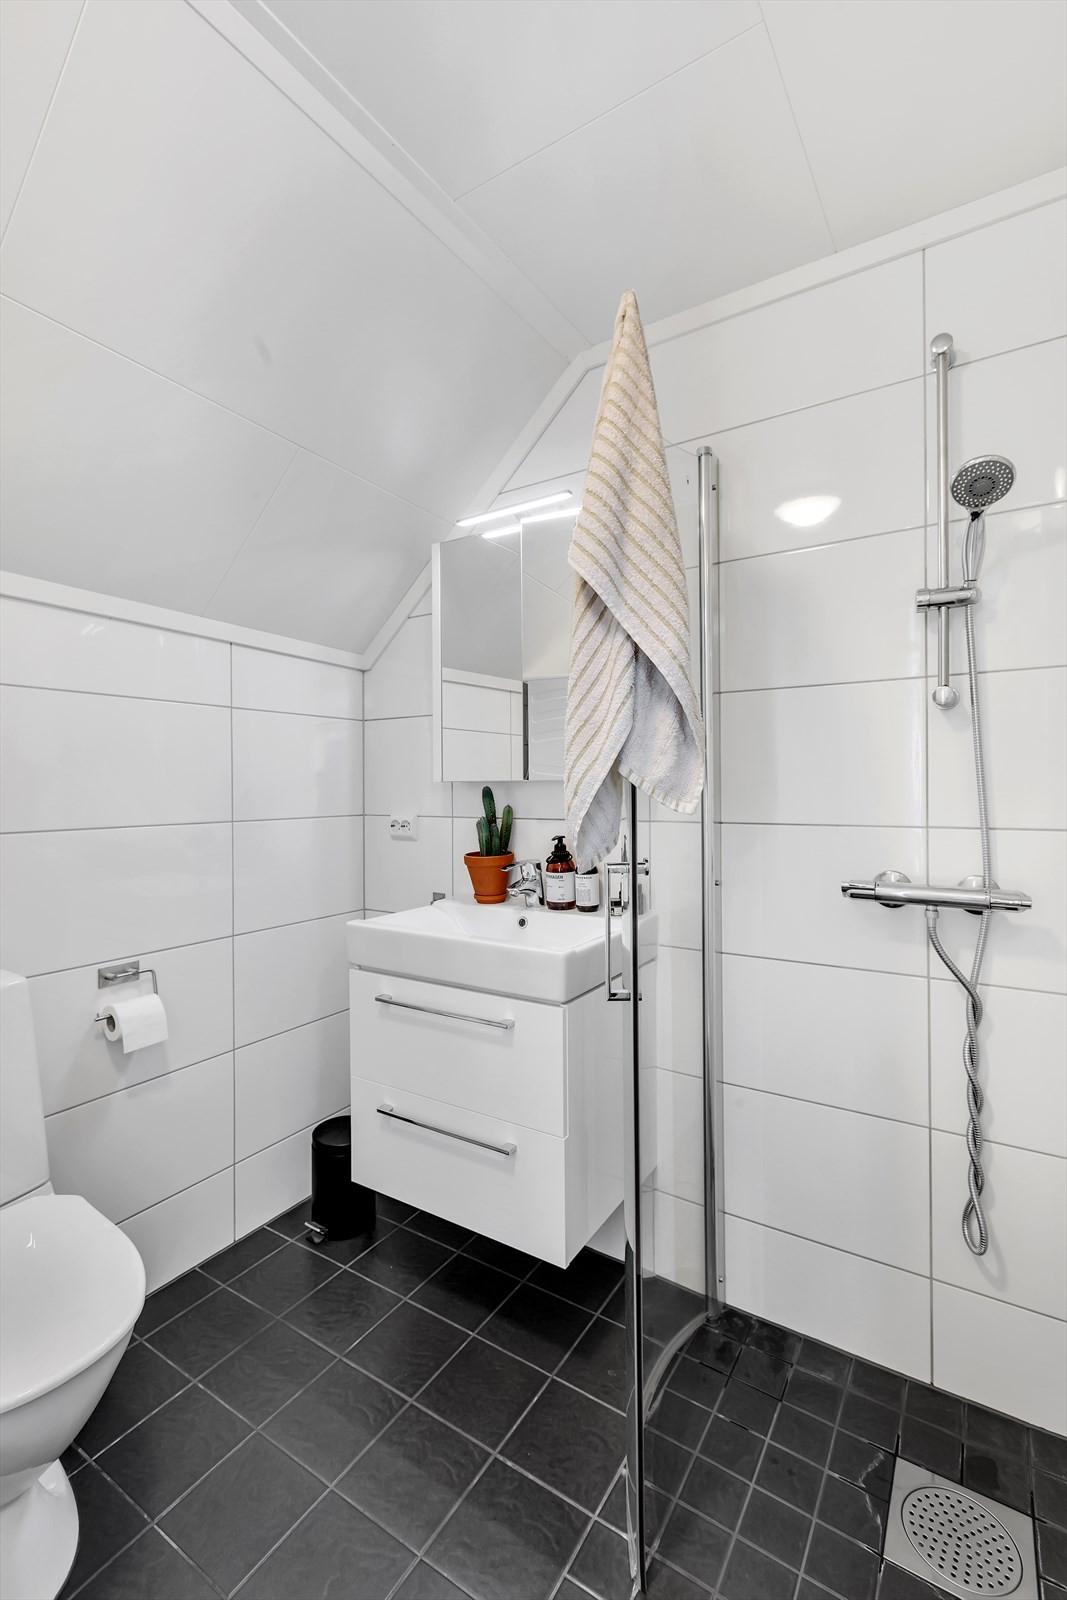 Flislagt bad på loftet med dusjhjørne og plass for vaskemaskin og tørketrommel.